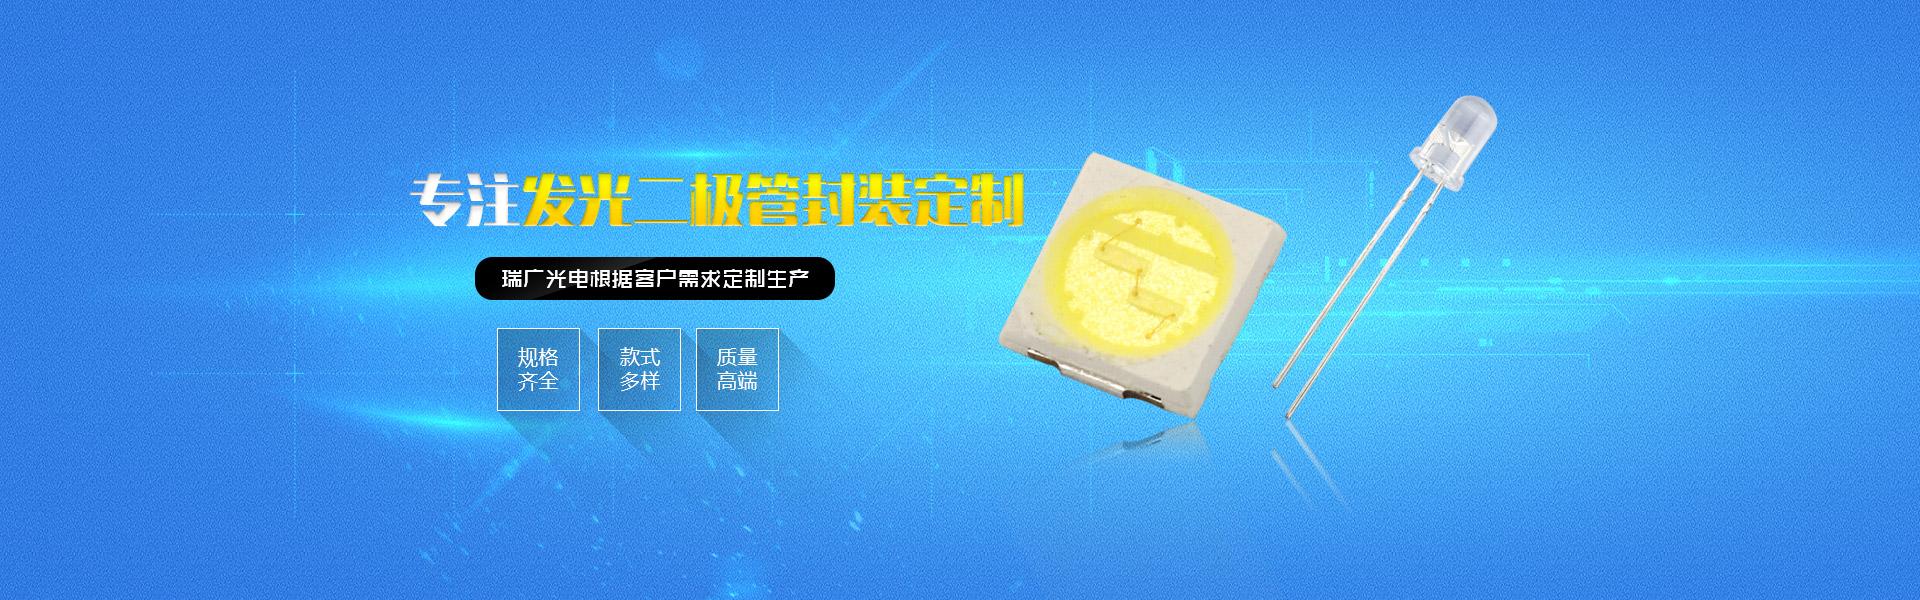 LED发光fun88官网手机版厂家